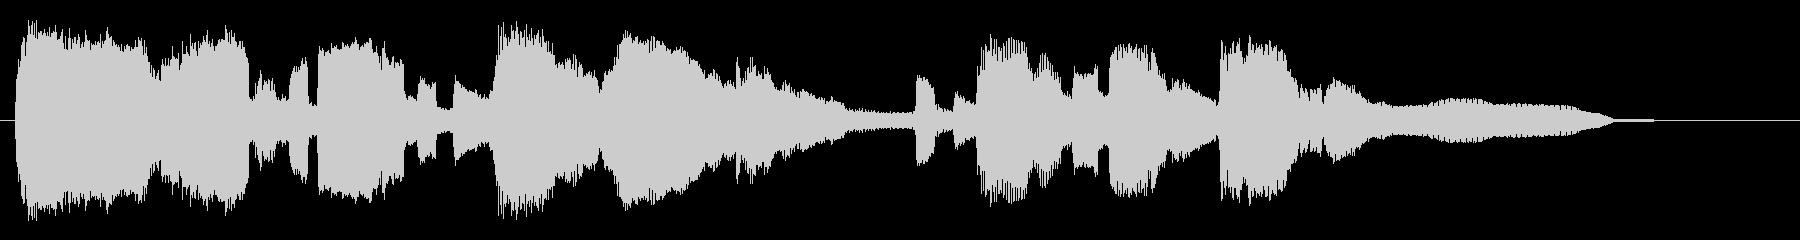 官能的なサックスの15秒ジングル、CMにの未再生の波形